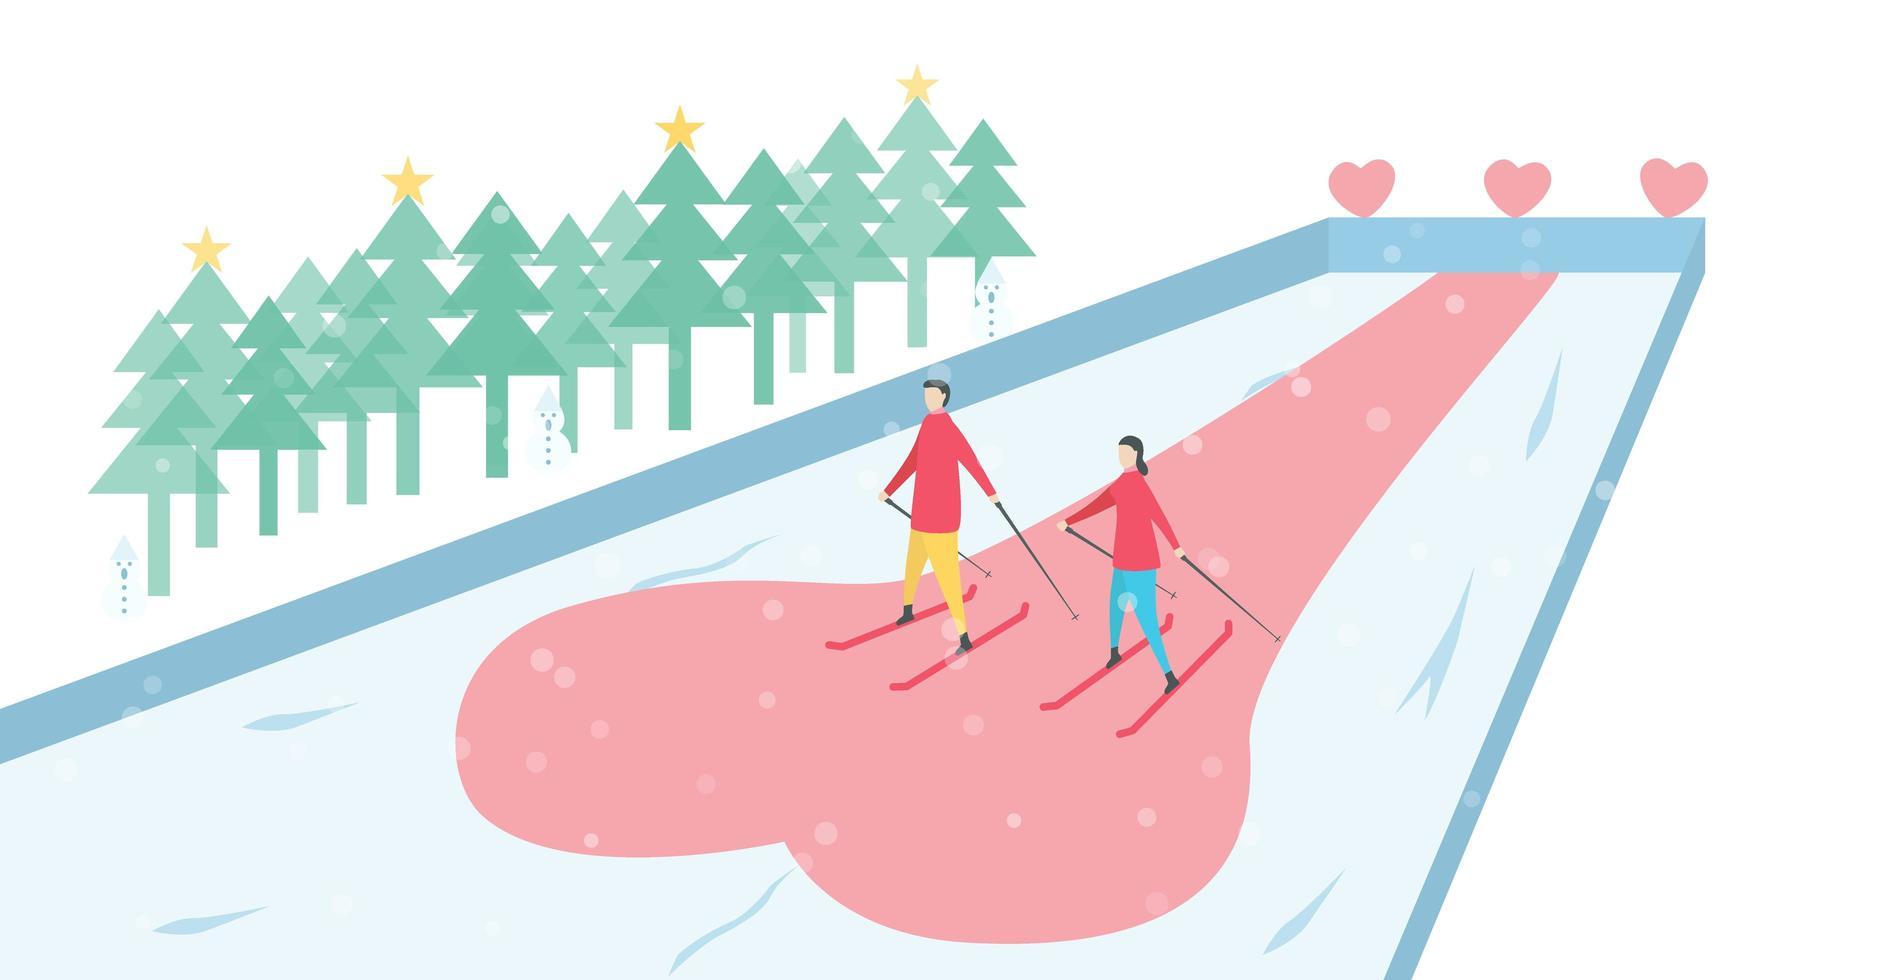 casal romântico esquiar na pista de gelo vetor